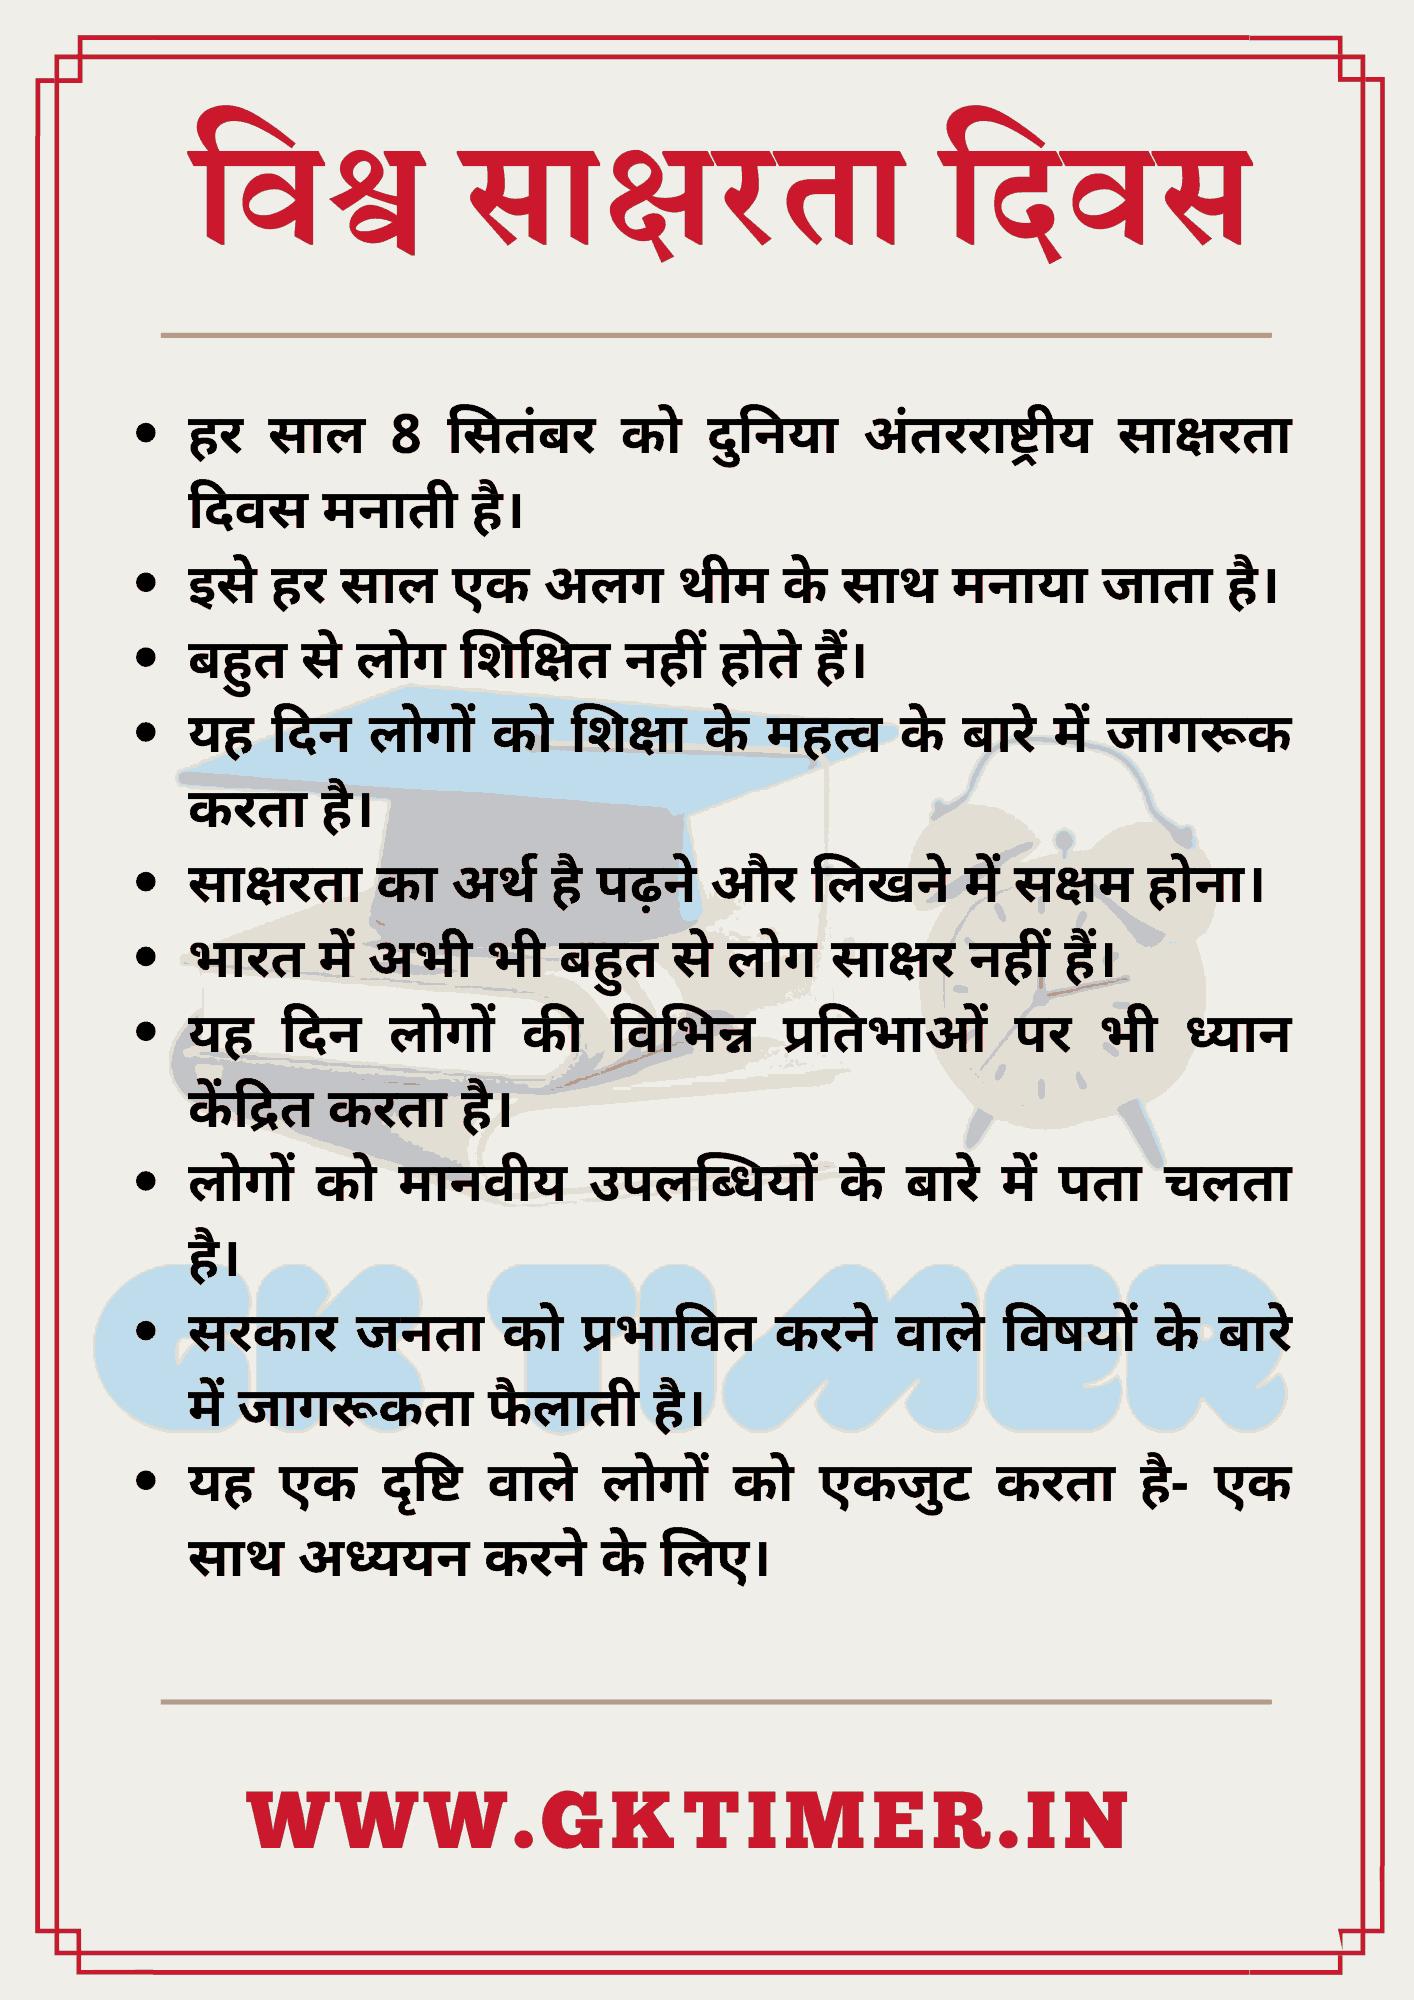 अंतर्राष्ट्रीय साक्षरता दिवस पर निबंध   Essay on  International Literacy Day in Hindi   10 Lines on  International Literacy Day in Hindi